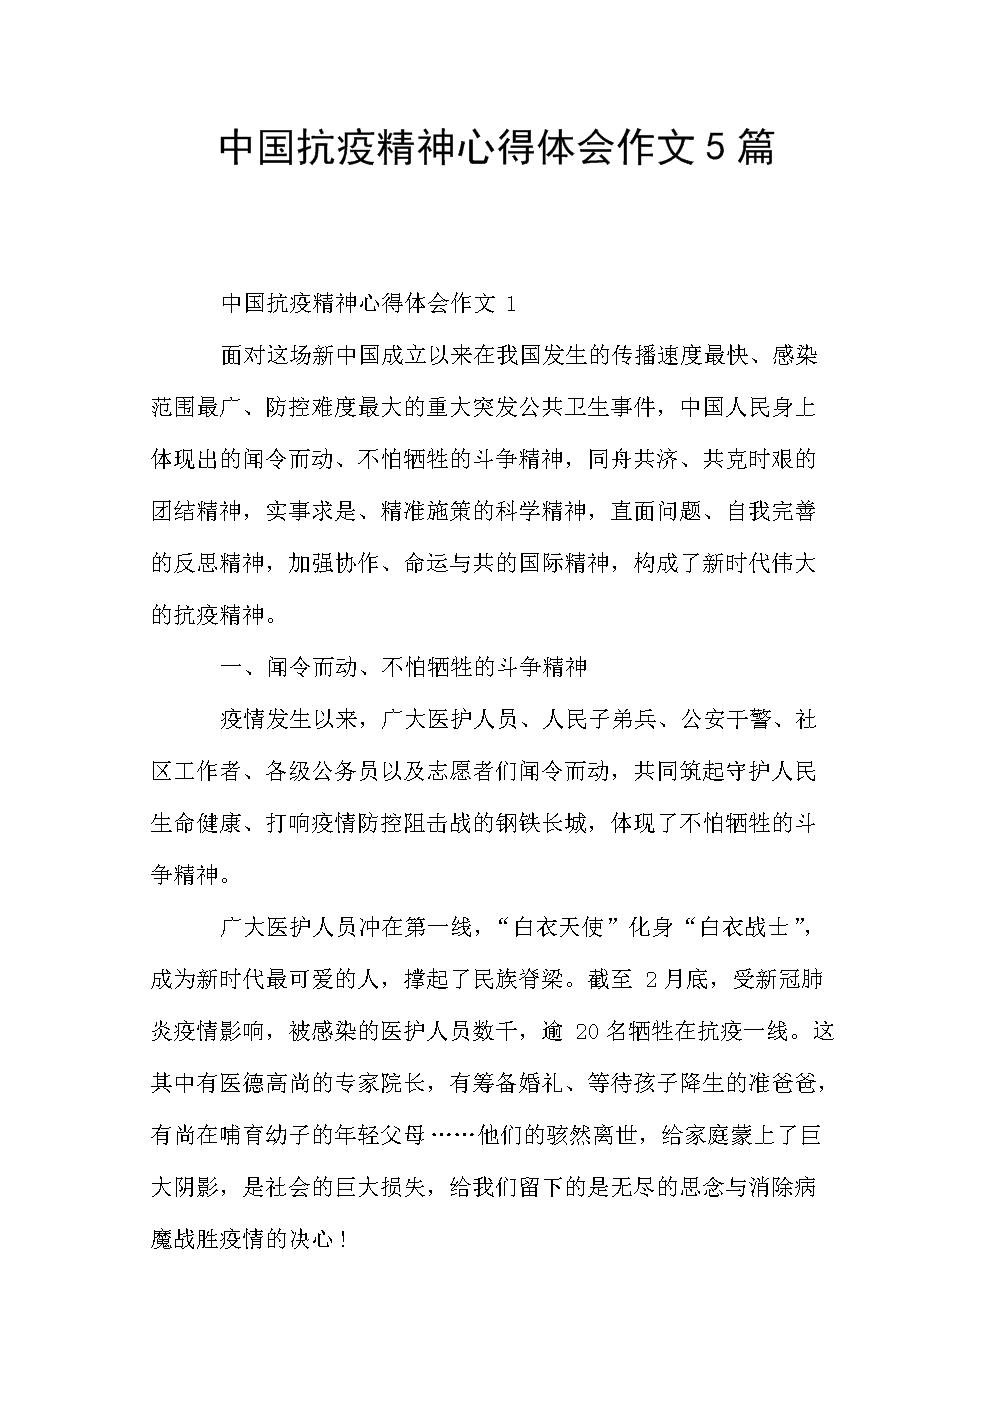 中国抗疫精神心得体会作文5篇.doc